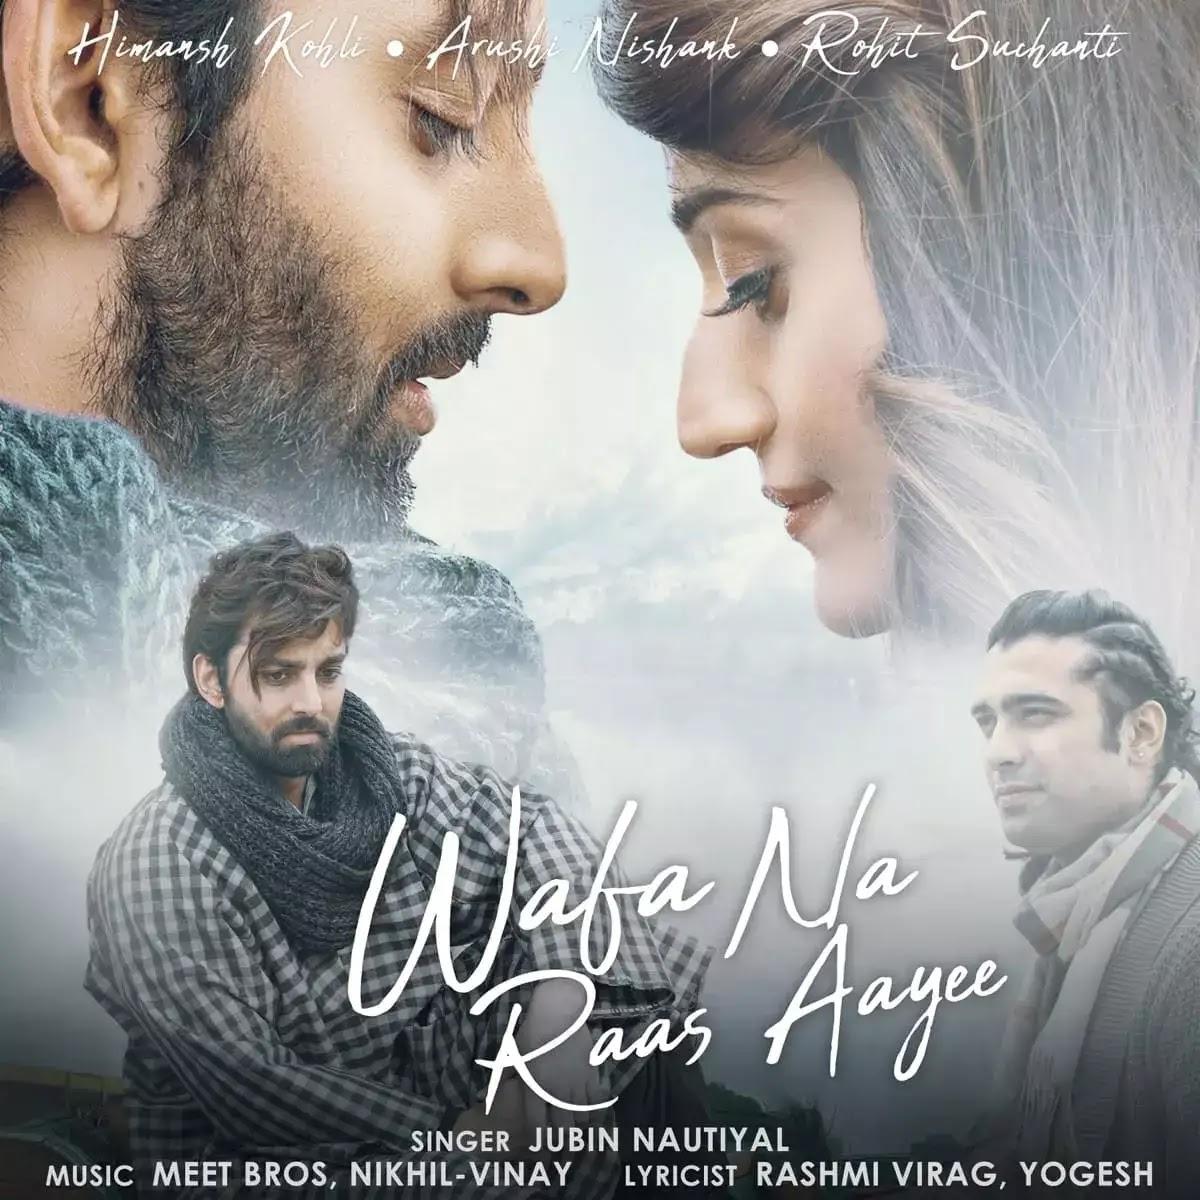 Wafa Na Raas Aayee MP3 Song Download 320kbps